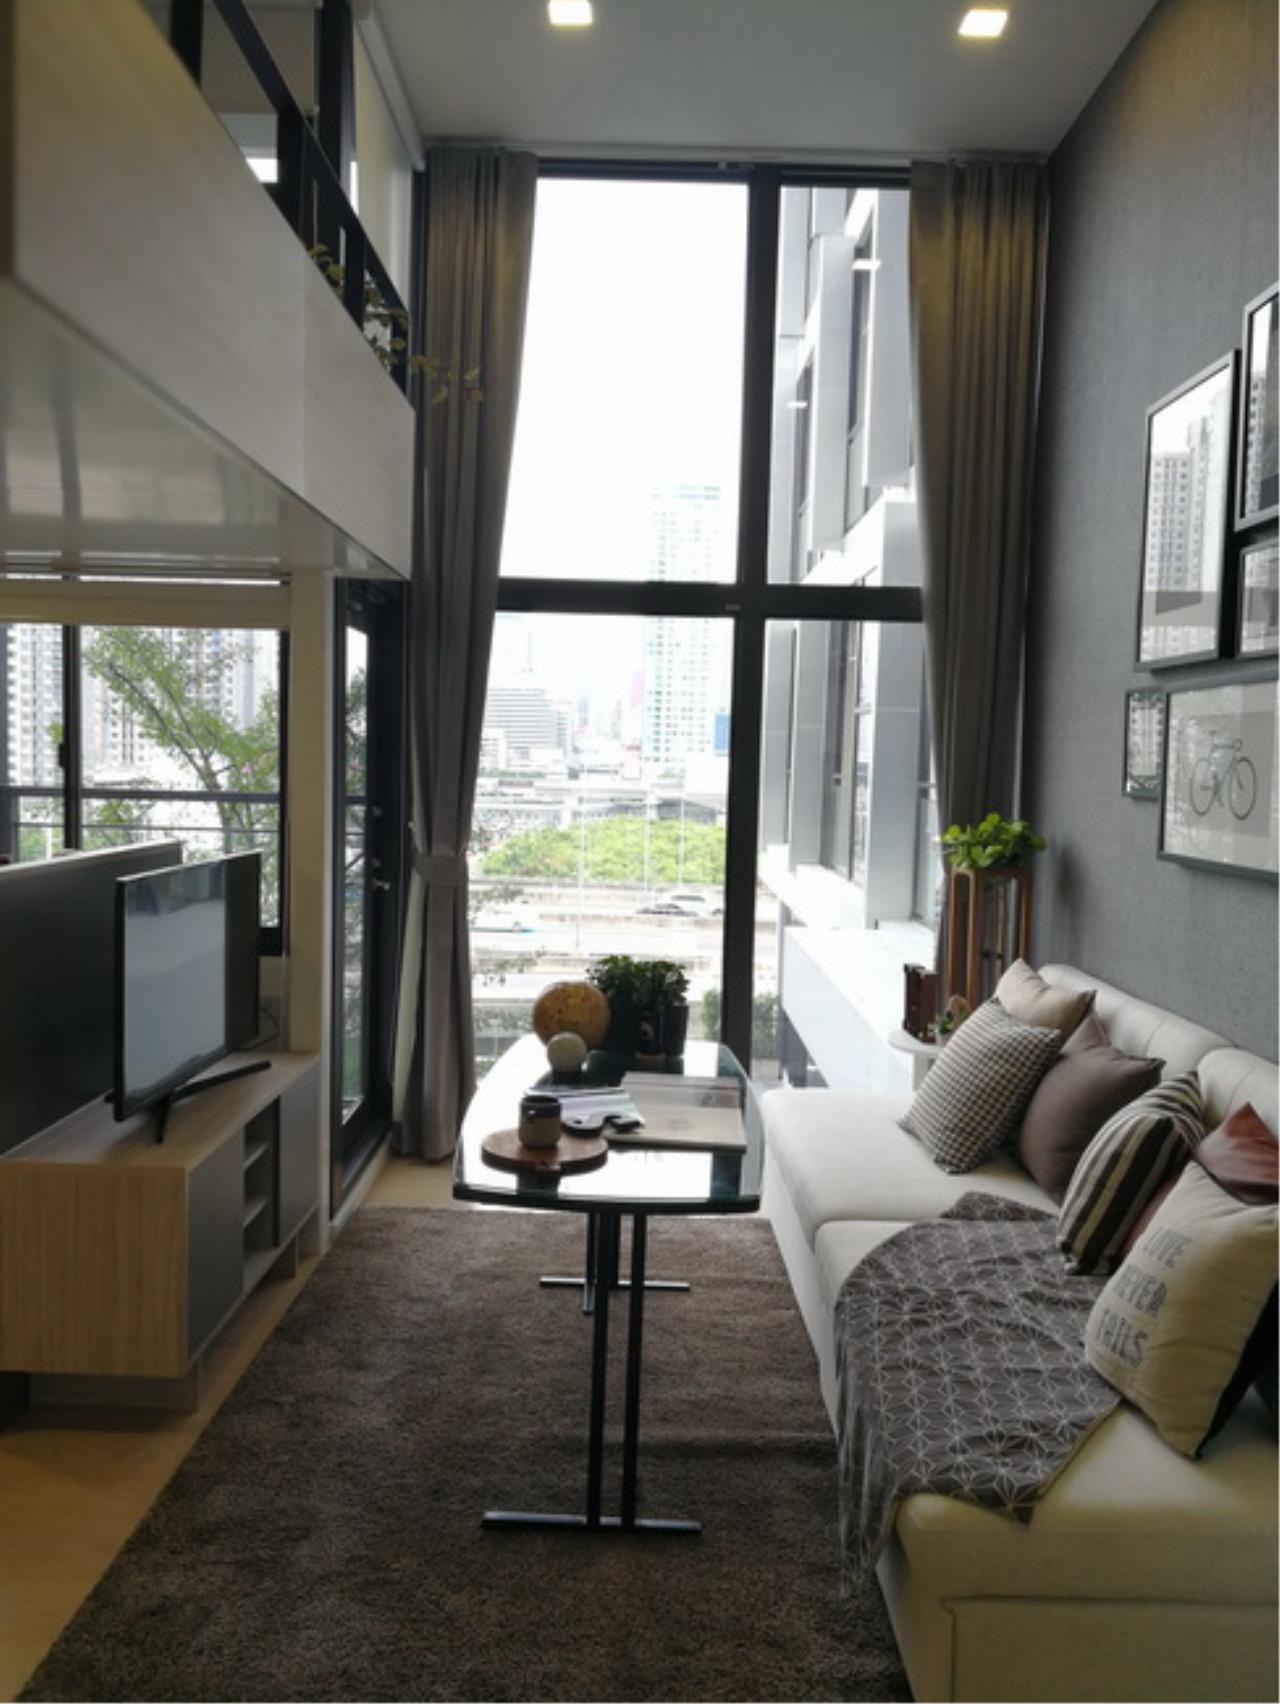 37934 - Chewathai Residence Asoke Road. Duplex room 35.55 sq.m.